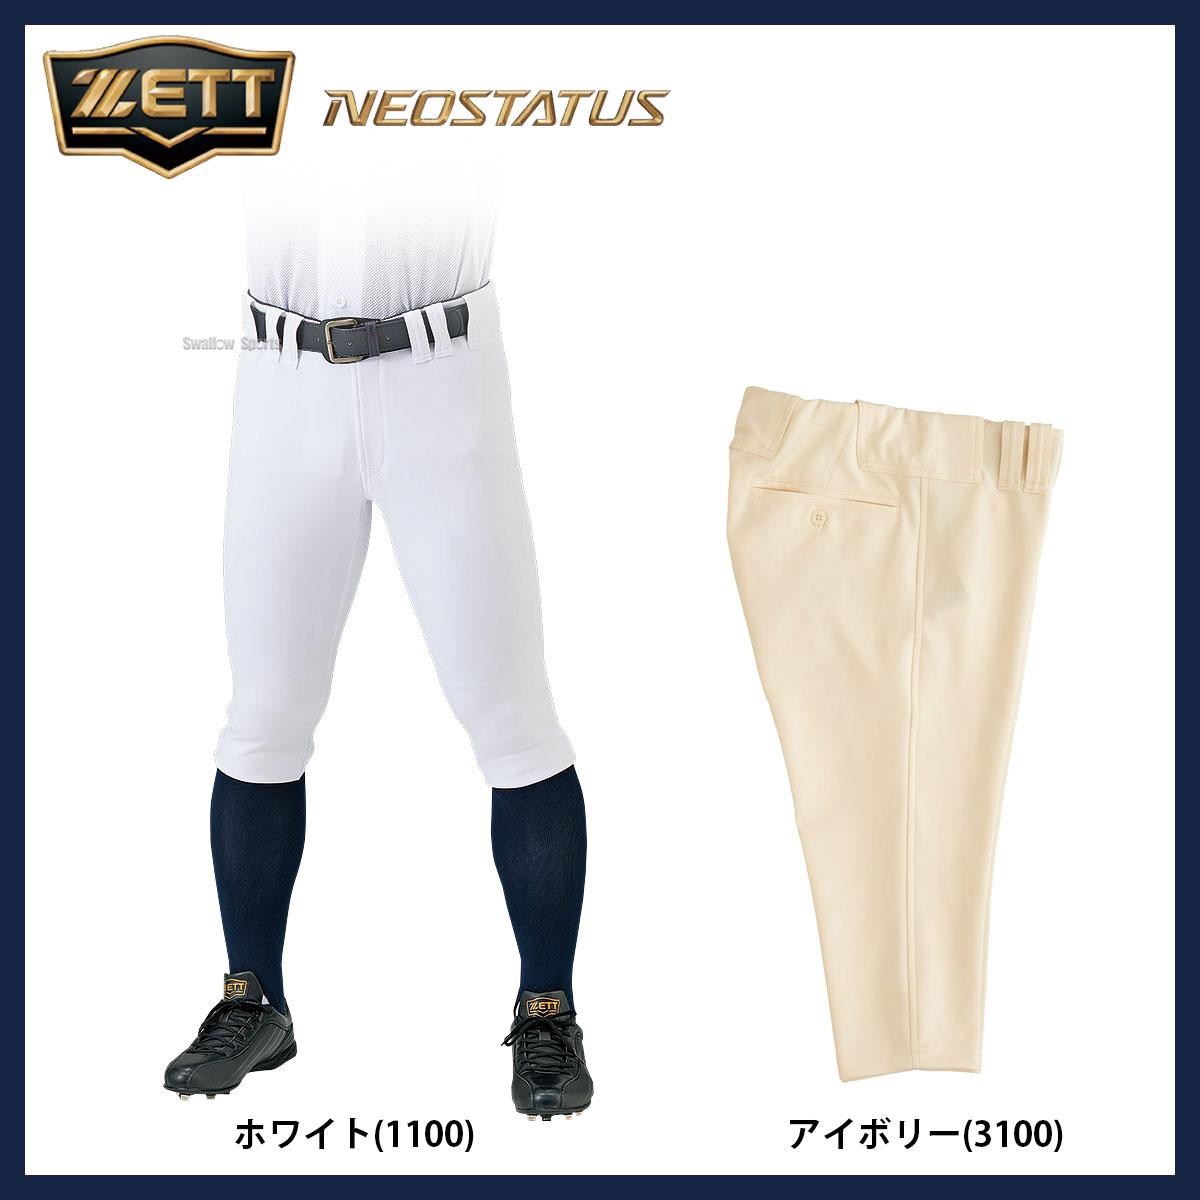 【あす楽対応】 野球 ユニフォームパンツ ズボン ゼット ZETT ネオステイタス ショート BU802CP ウエア ウェア 野球部 野球用品 スワロースポーツ